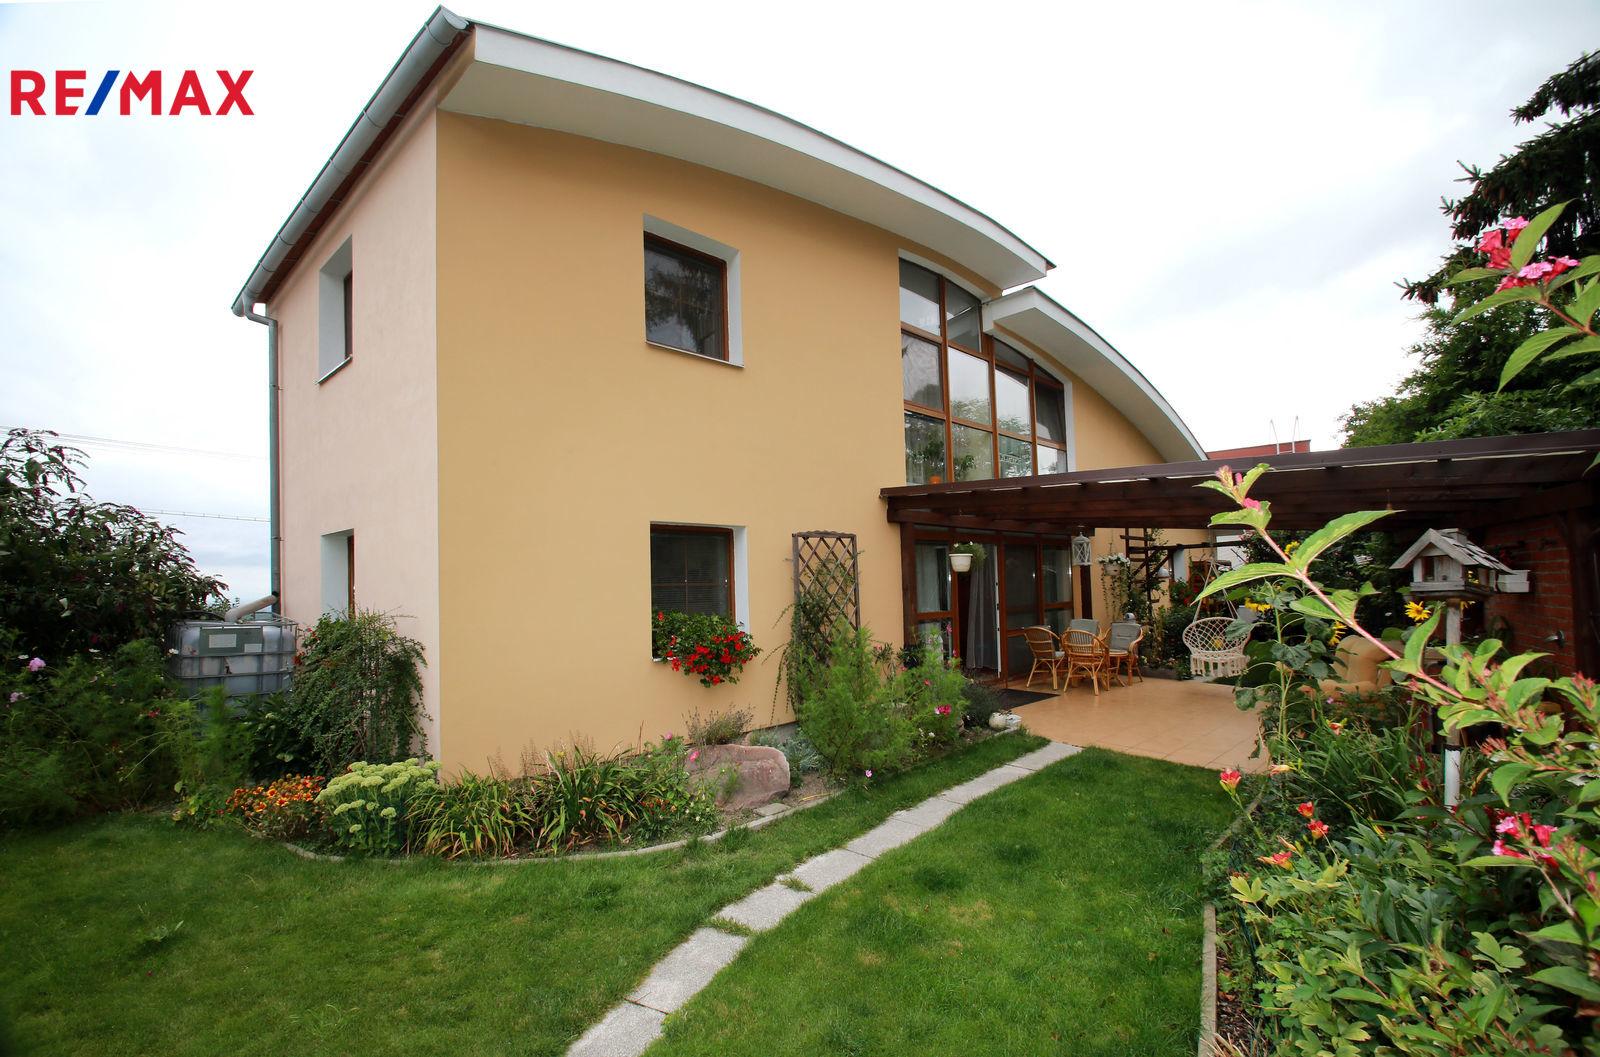 Prodej domu 224 m², Kostelec nad Černými lesy